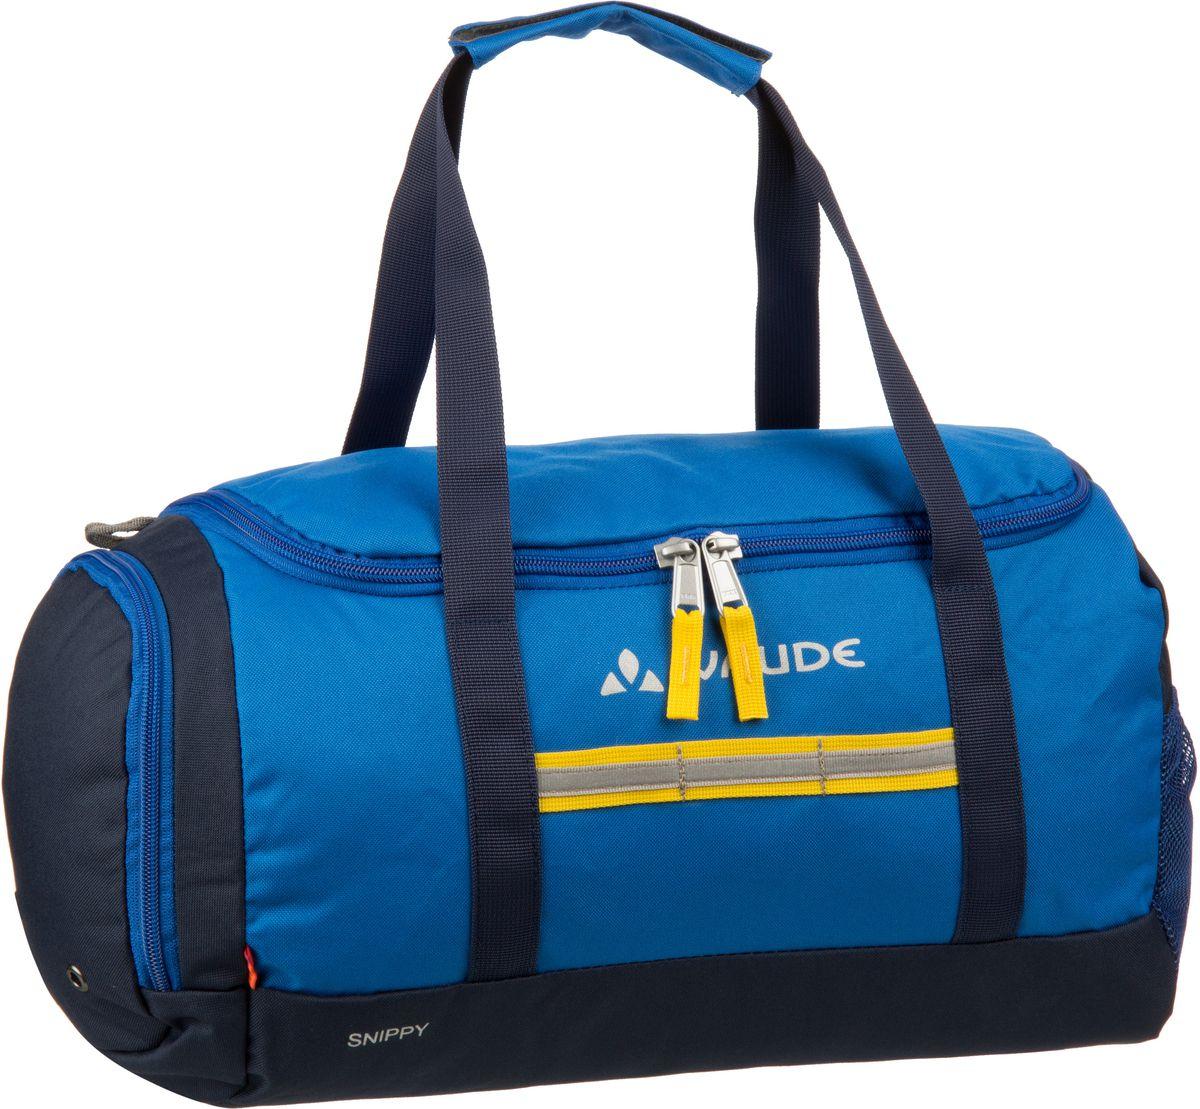 Vaude Reisegepäck für Kinder Snippy Blue (10 Li...